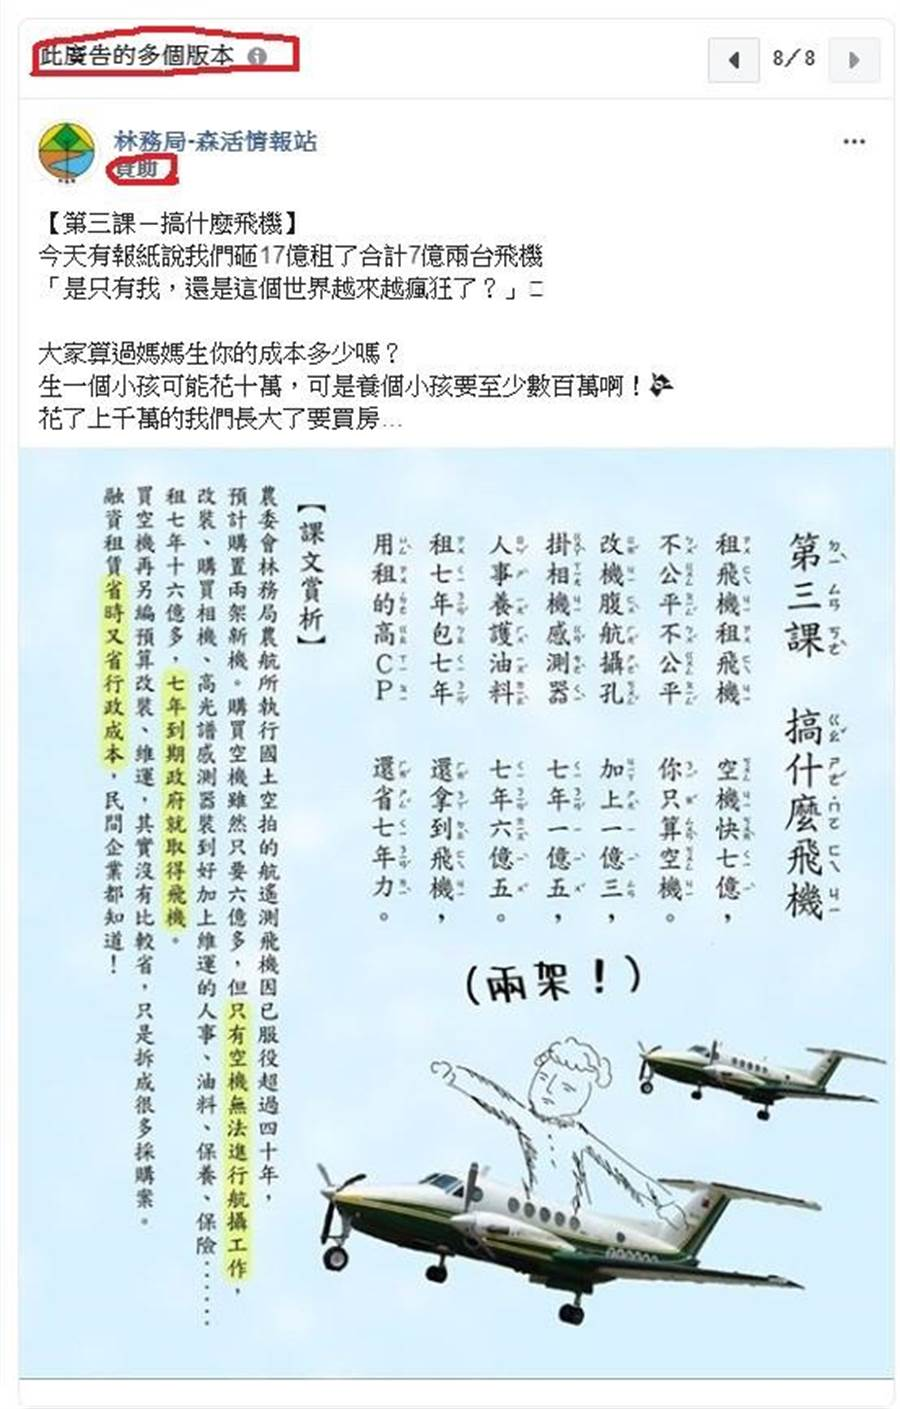 林務局未標上行政機關全銜的下廣告圖卡 國民黨立委陳宜民辦公室提供